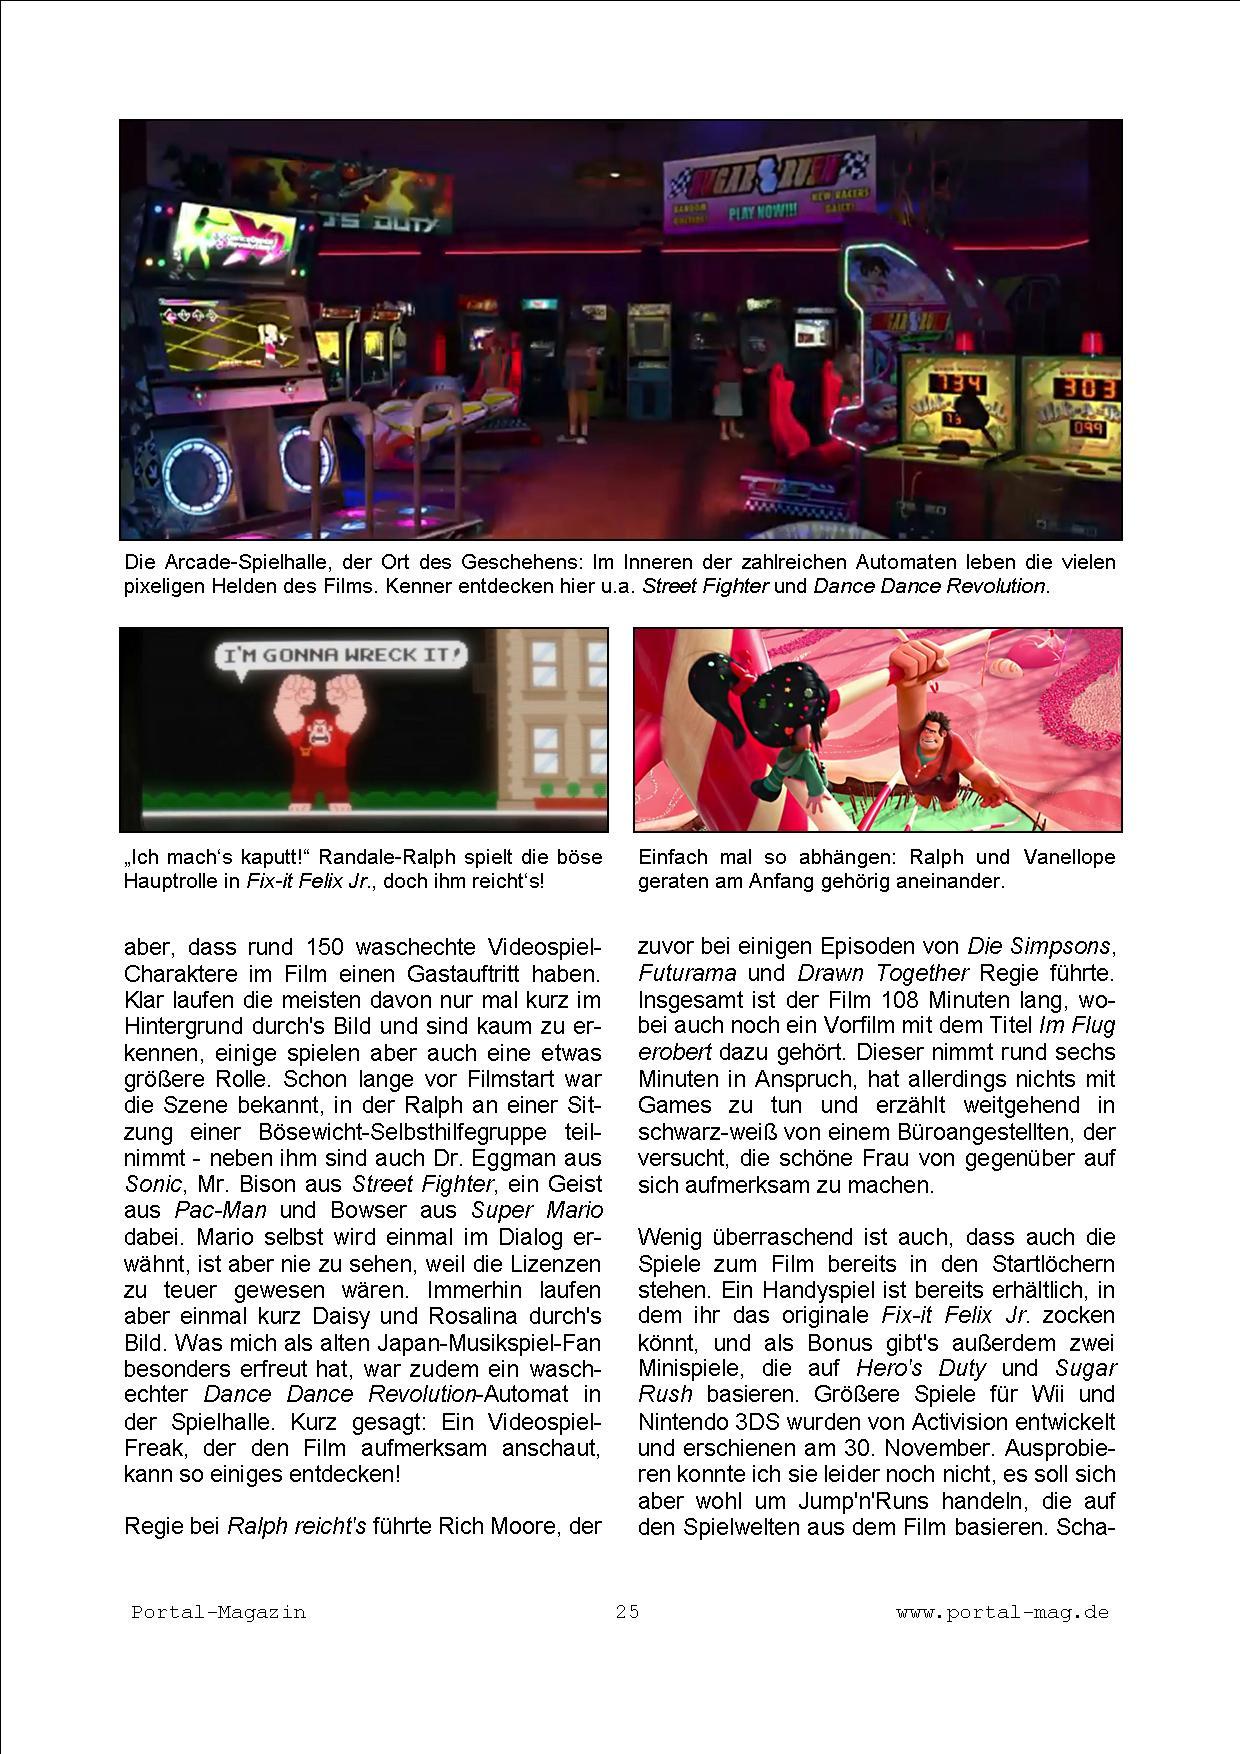 Ausgabe 12, Seite 25